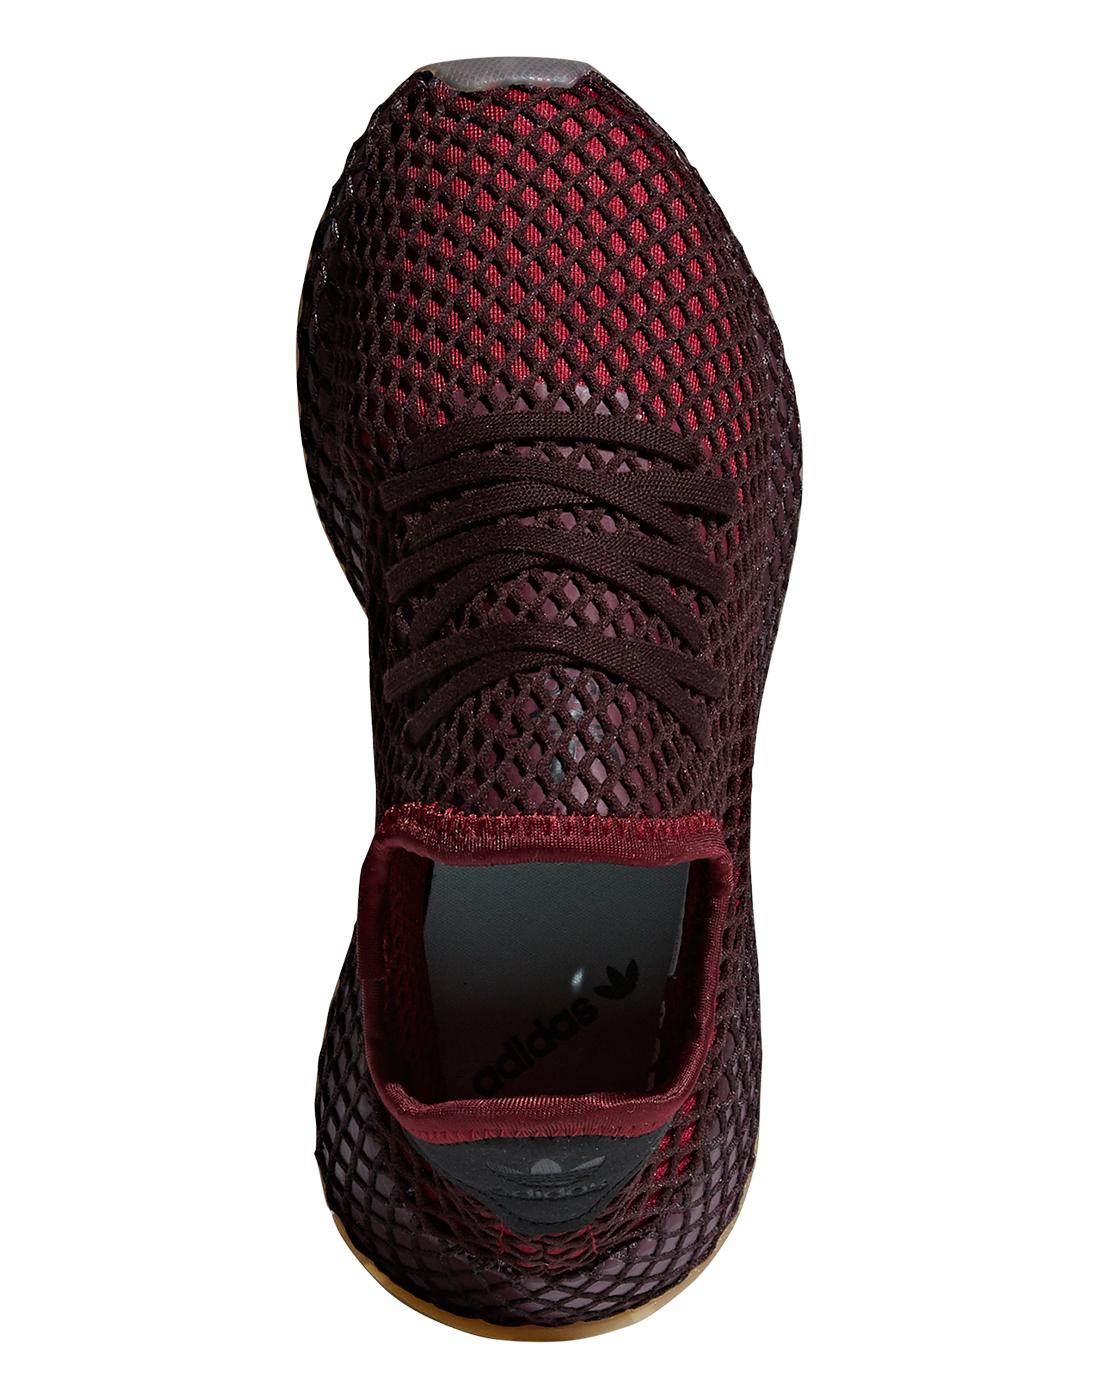 1d4d3fe6943f1 adidas Originals. Older Kids Deerupt. Older Kids Deerupt · Older Kids  Deerupt · Older Kids Deerupt